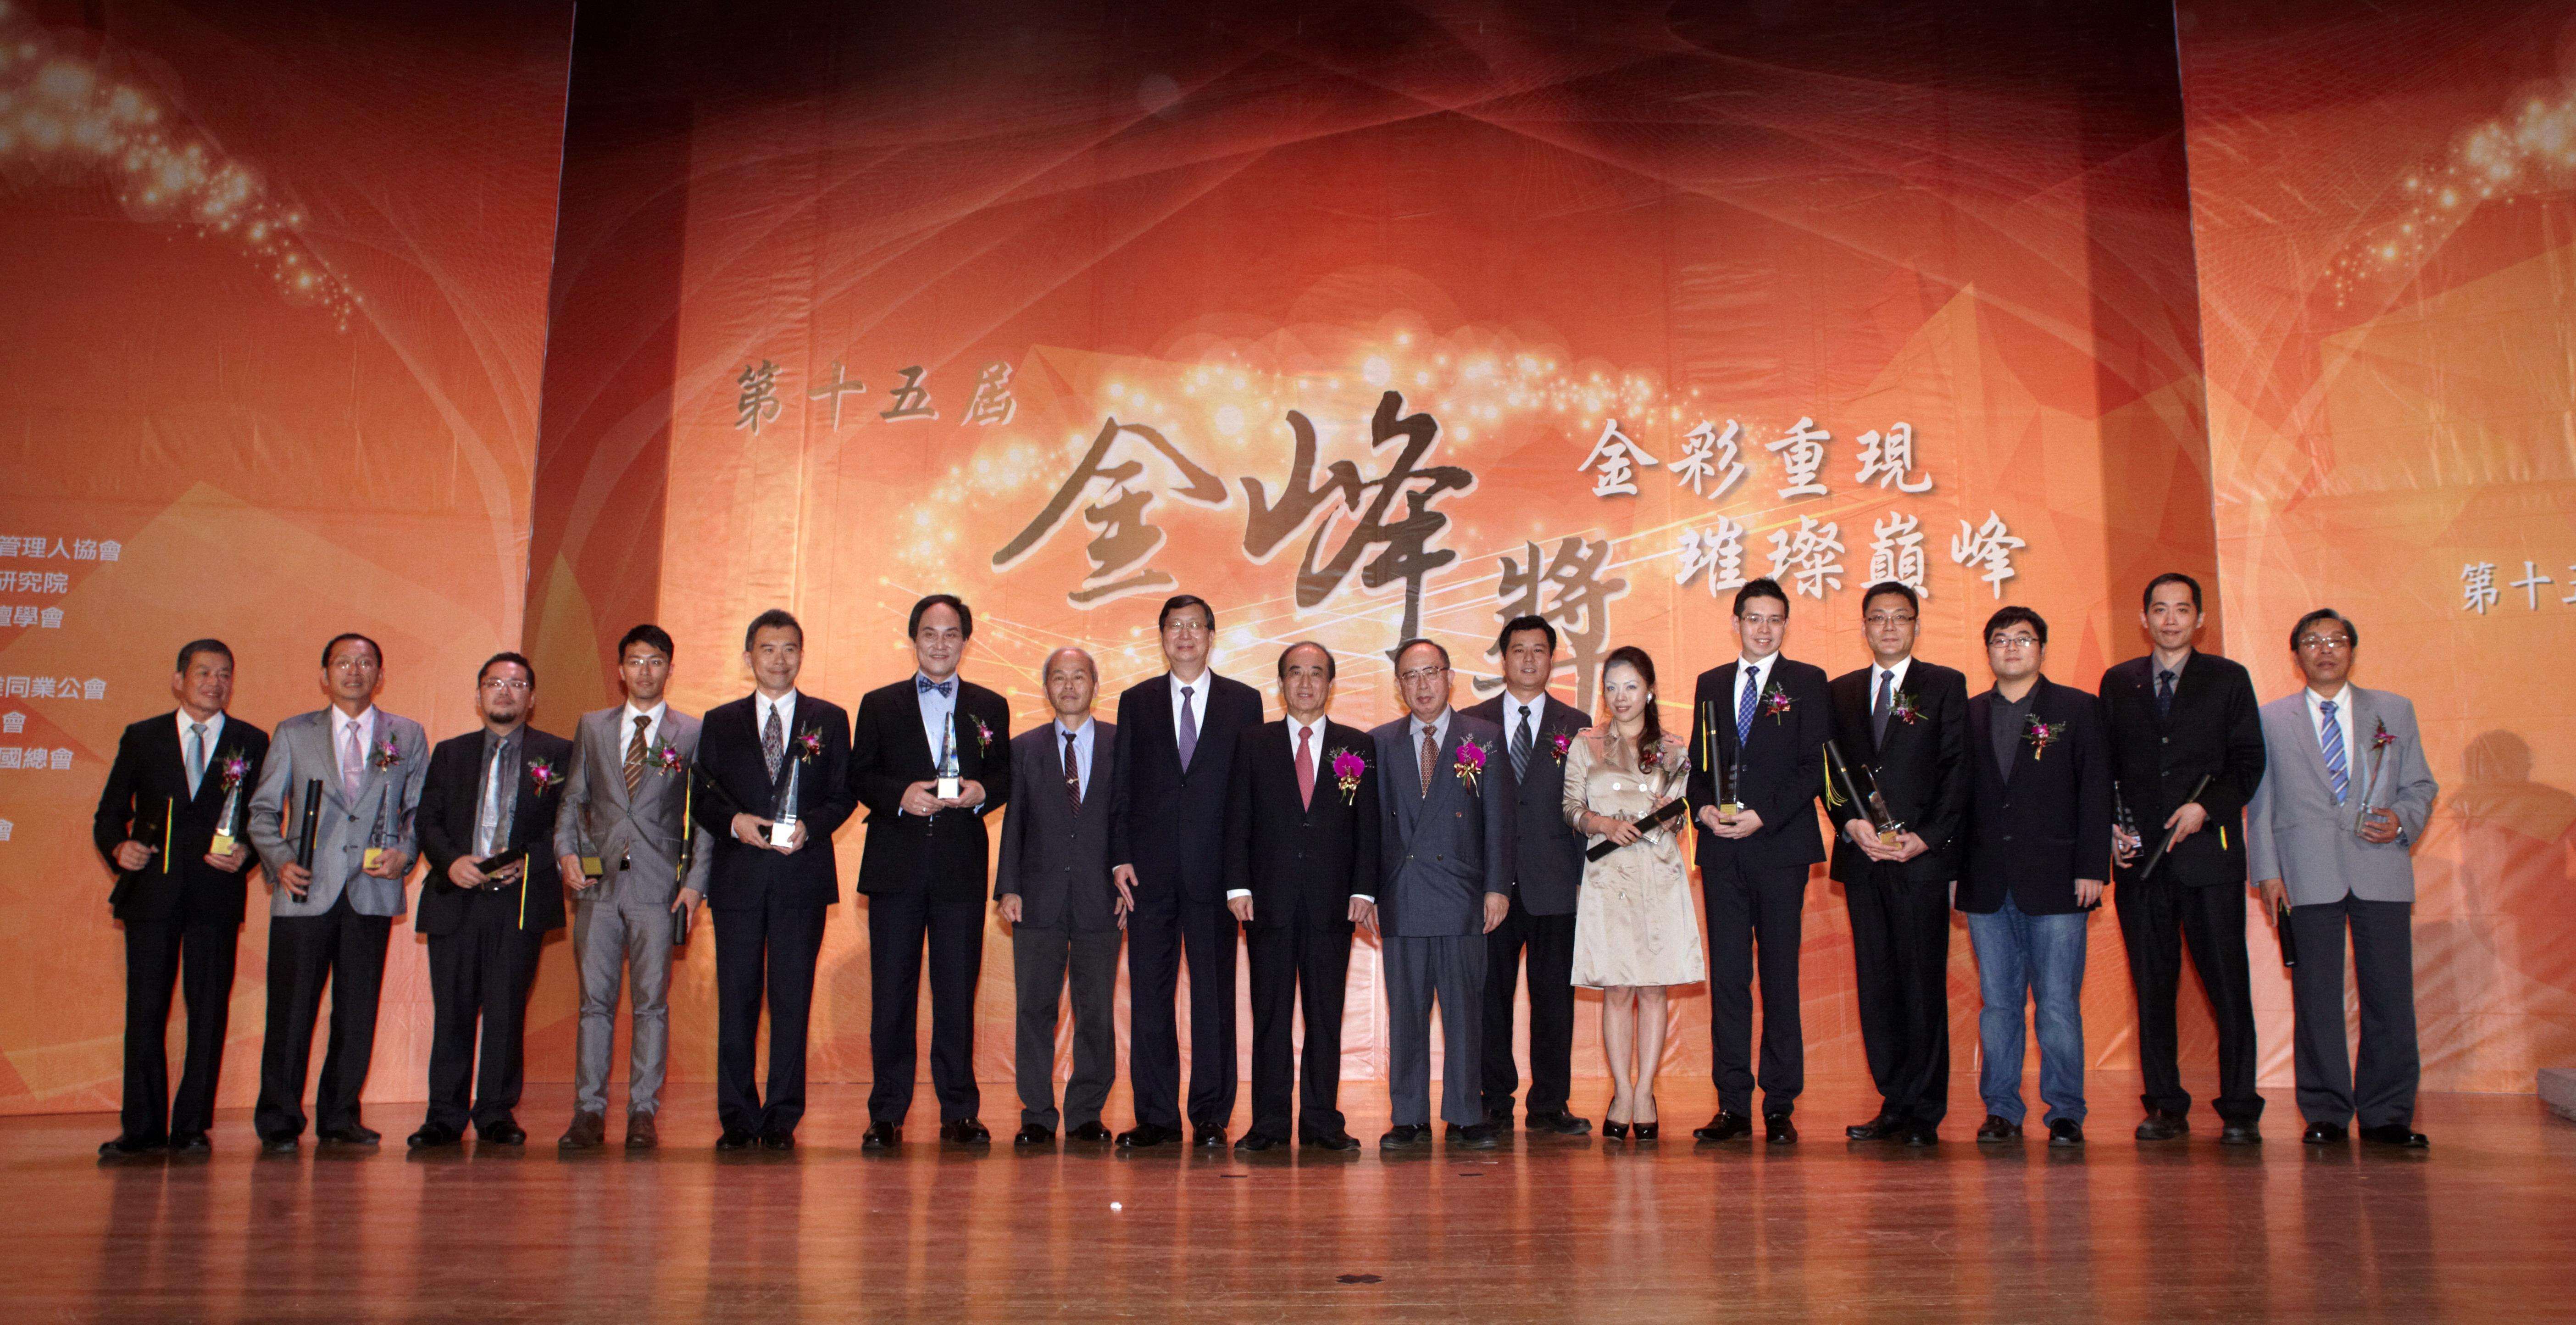 法博思陳偉志總監榮獲金鋒獎,與其他獲獎人同立法院長王金平合照